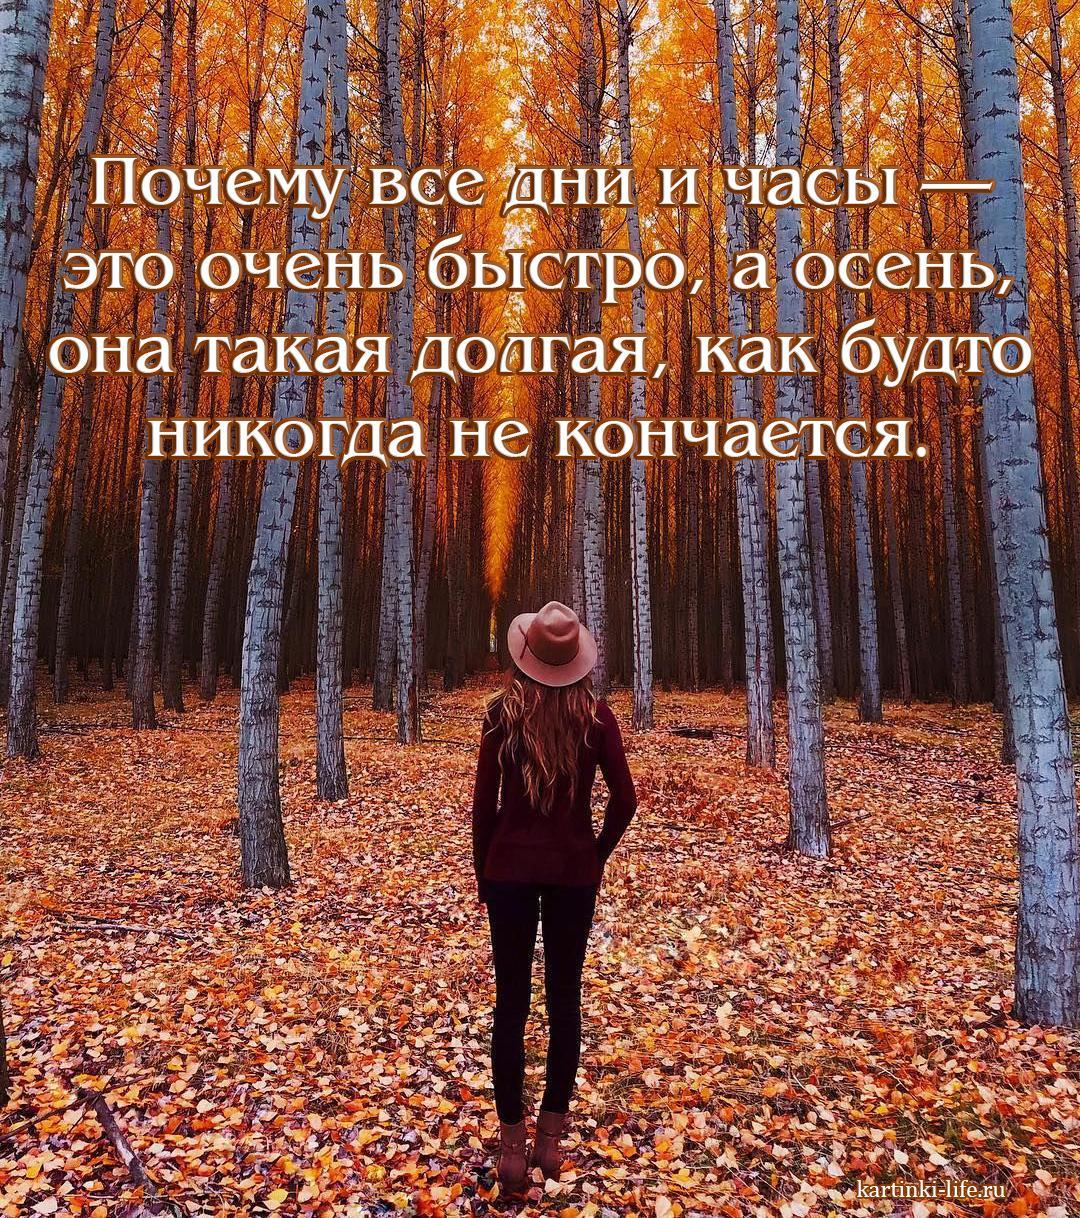 Почему все дни и часы — это очень быстро, а осень, она такая долгая, как будто никогда не кончается.